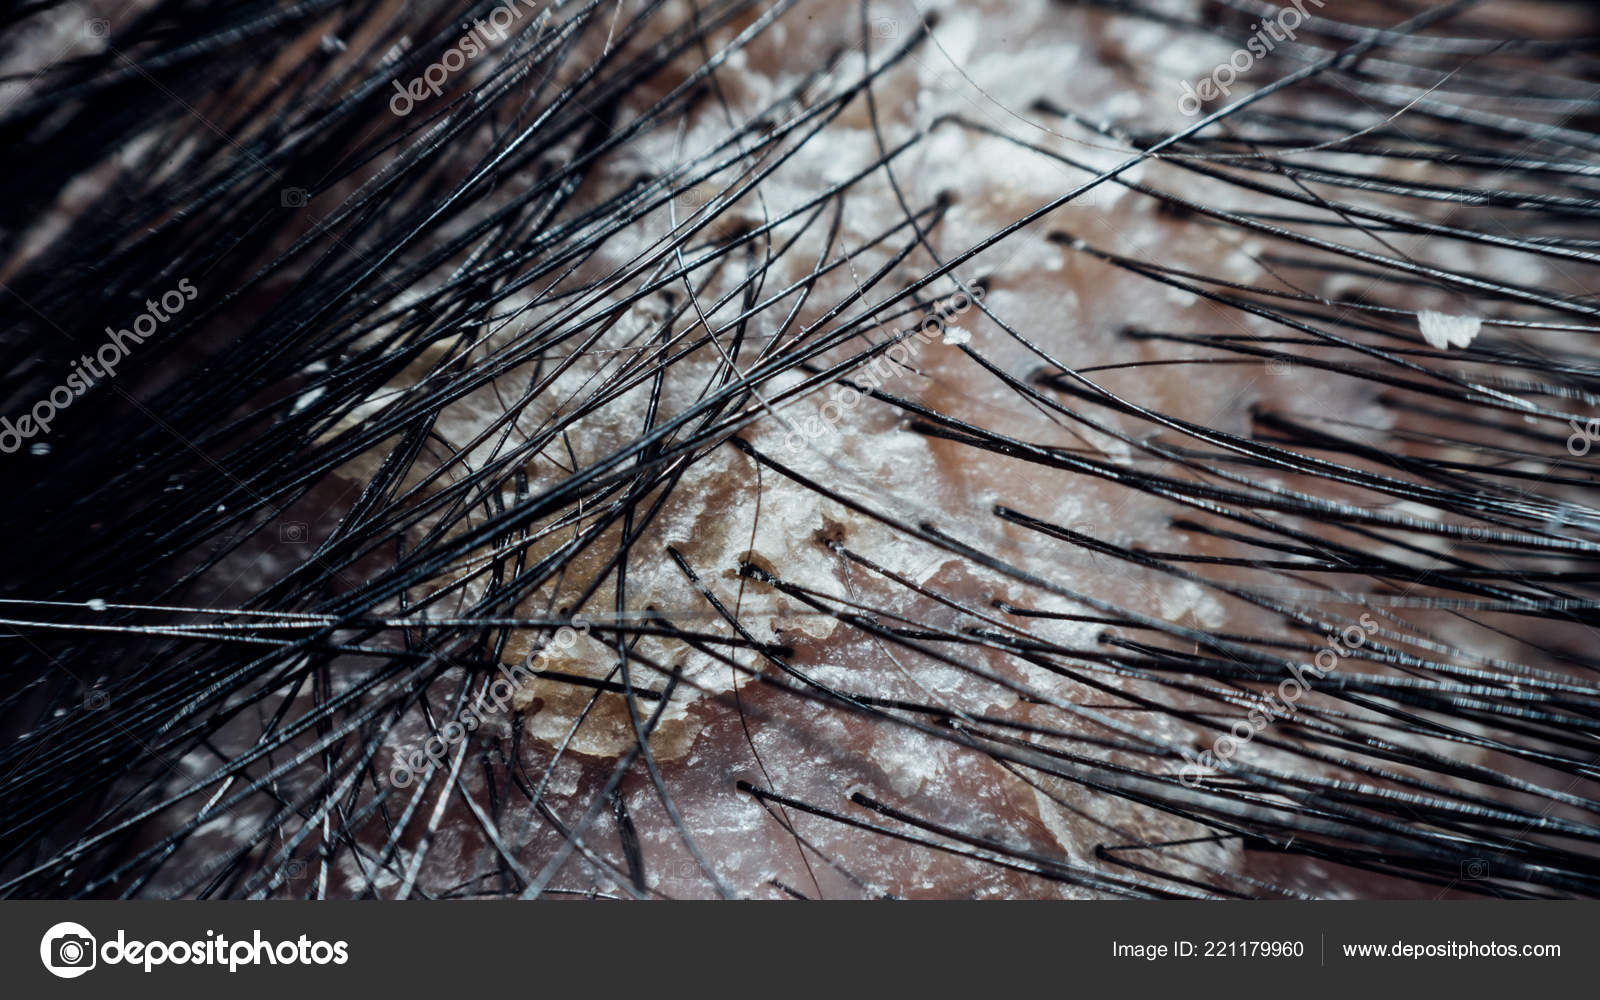 Μαύρο τριχωτό σκουλήκι στον ξύλινο κορμό Εκπαίδευση οικολογίας.